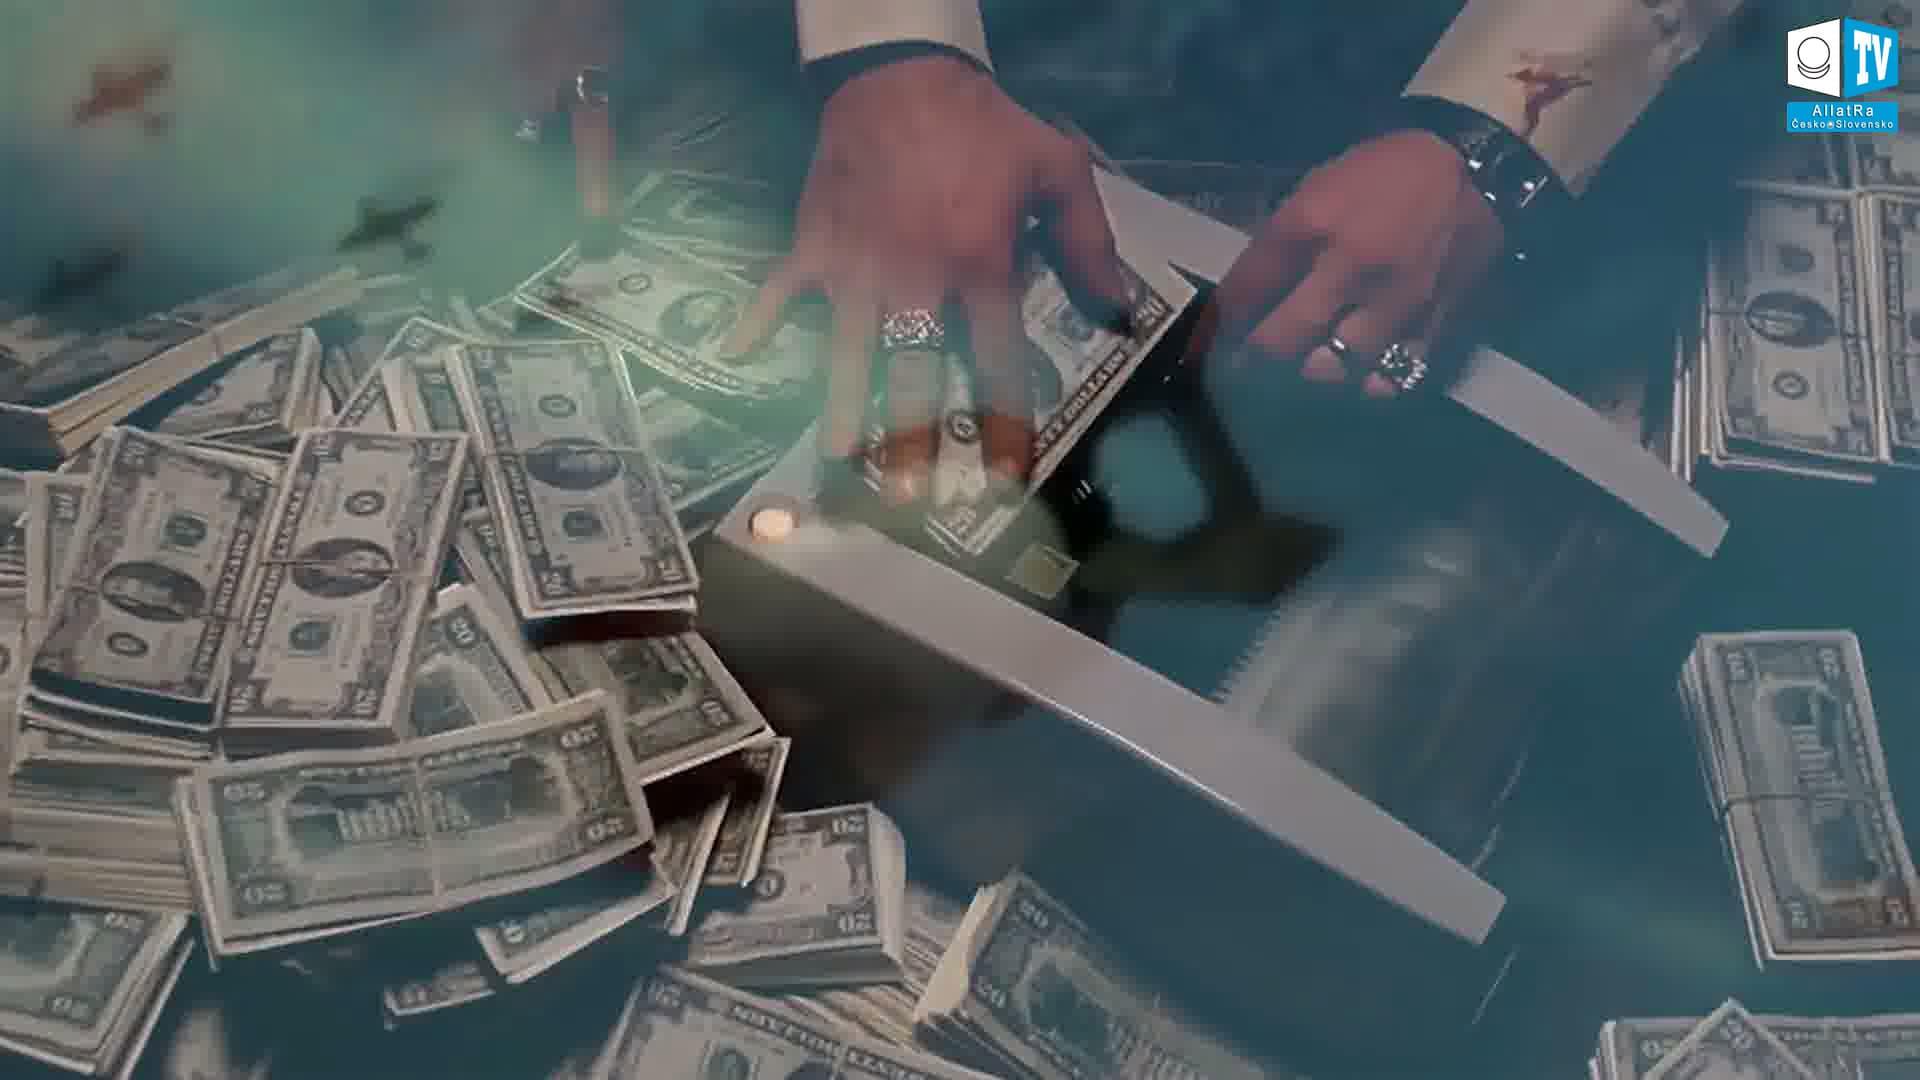 Světová moc peněz. Foto